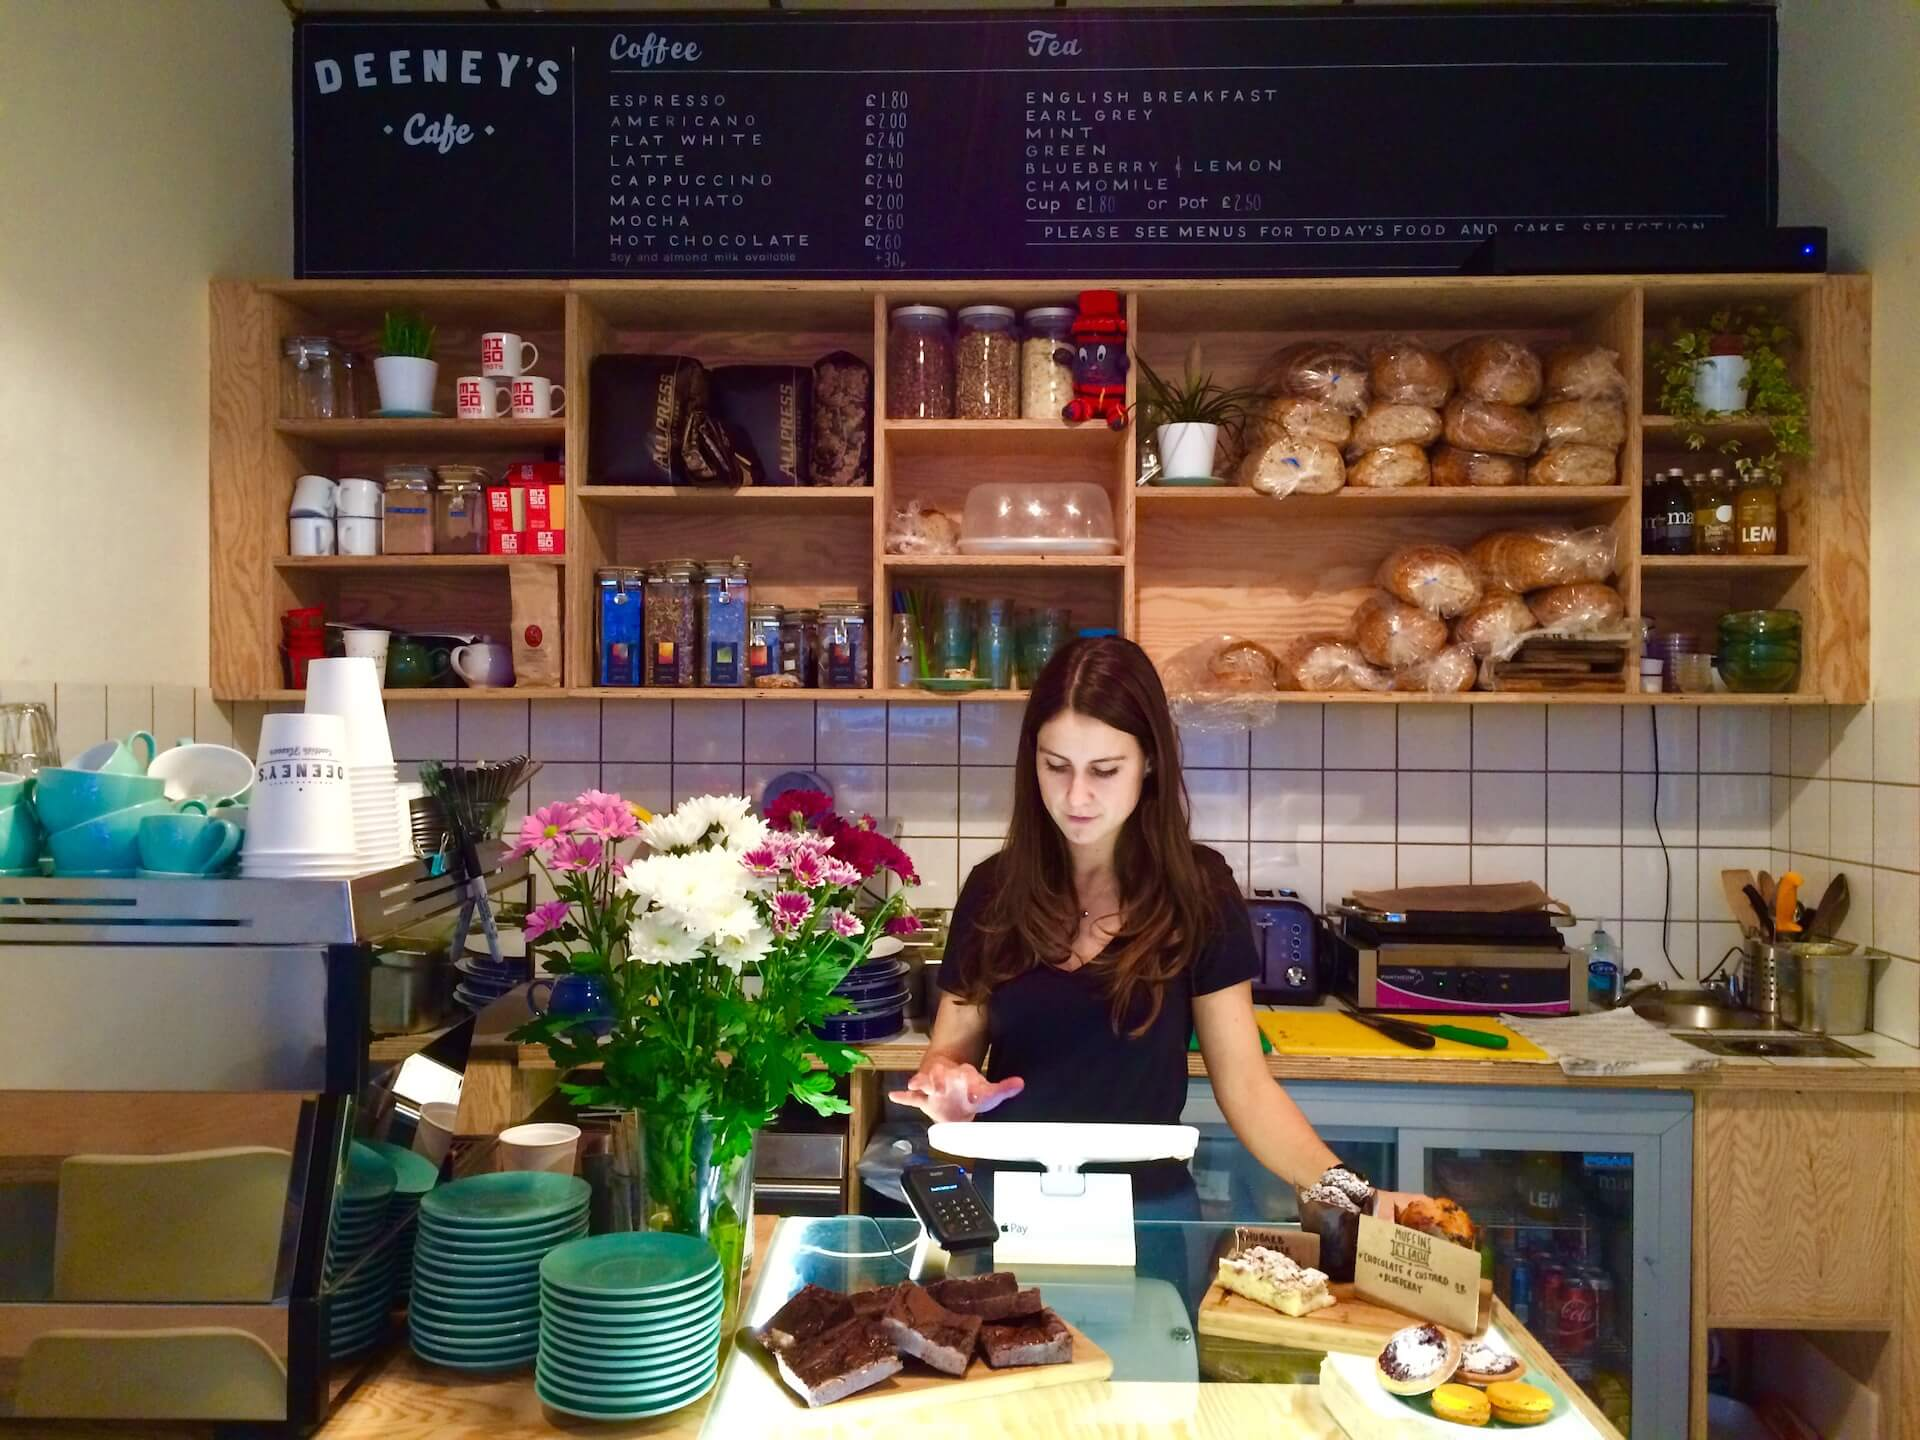 ロンドン発「DEENEY'S」の日本初路面店がオープン!スコットランドの伝統料理ハギスを使用したトースティを販売 gourmet200625_deenys_03